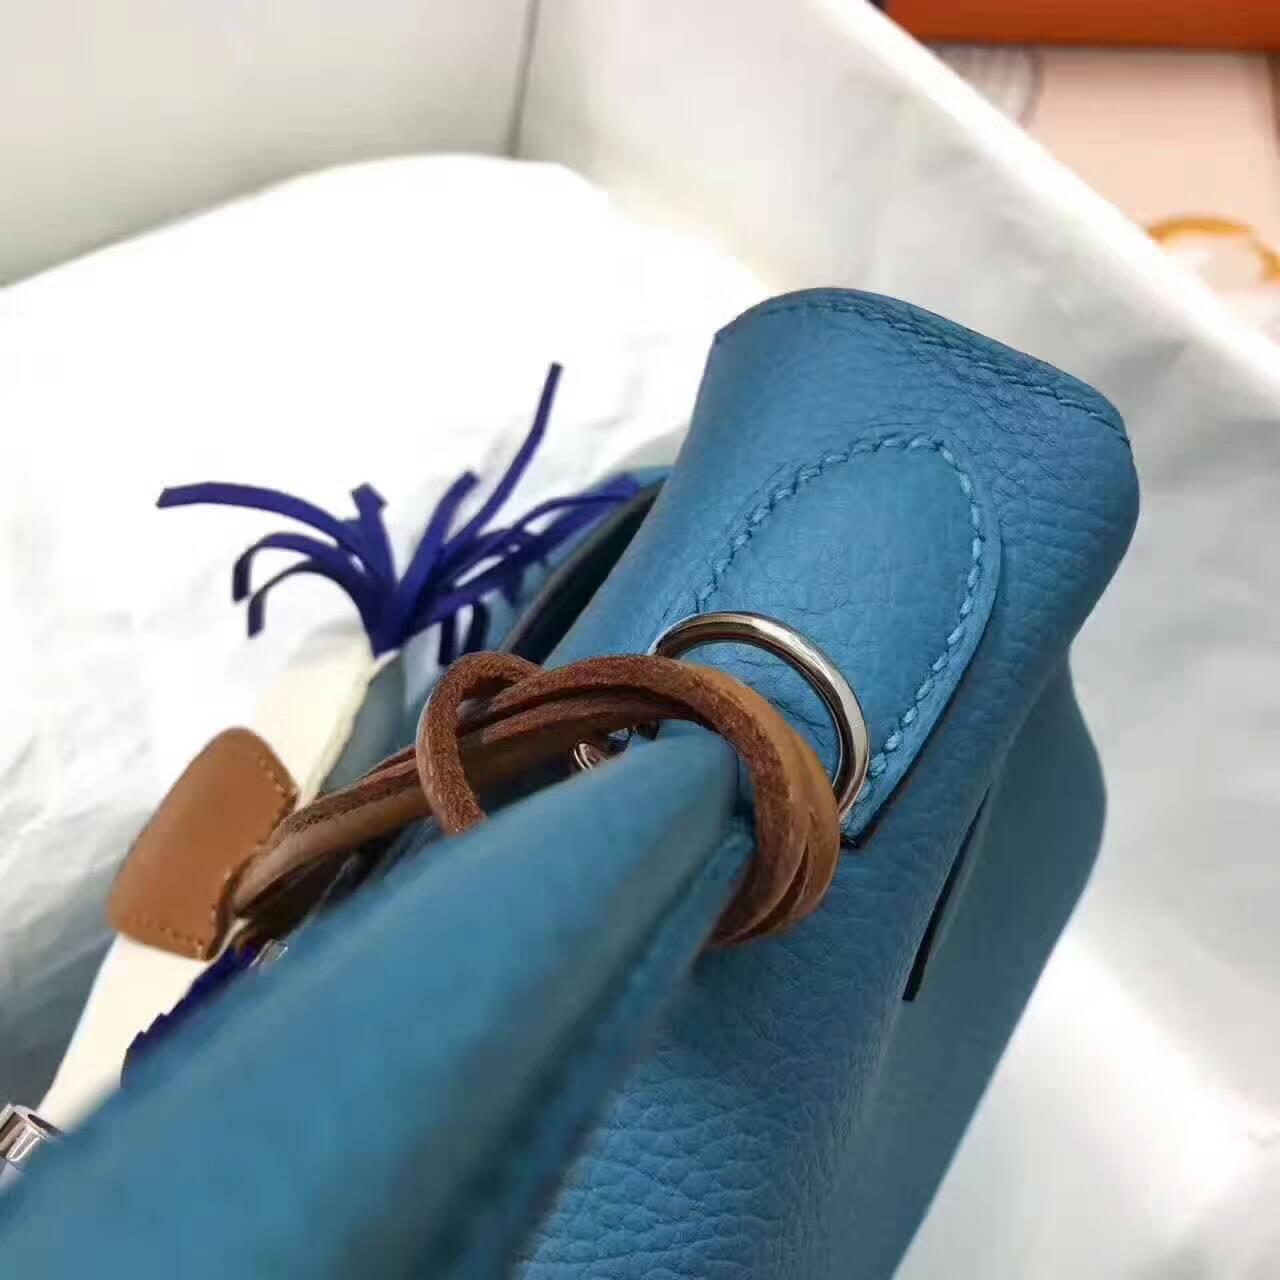 爱马仕凯莉包 Kelly 28cm Togo 法国原产小牛皮 7B Tuequoise 松石蓝 银扣